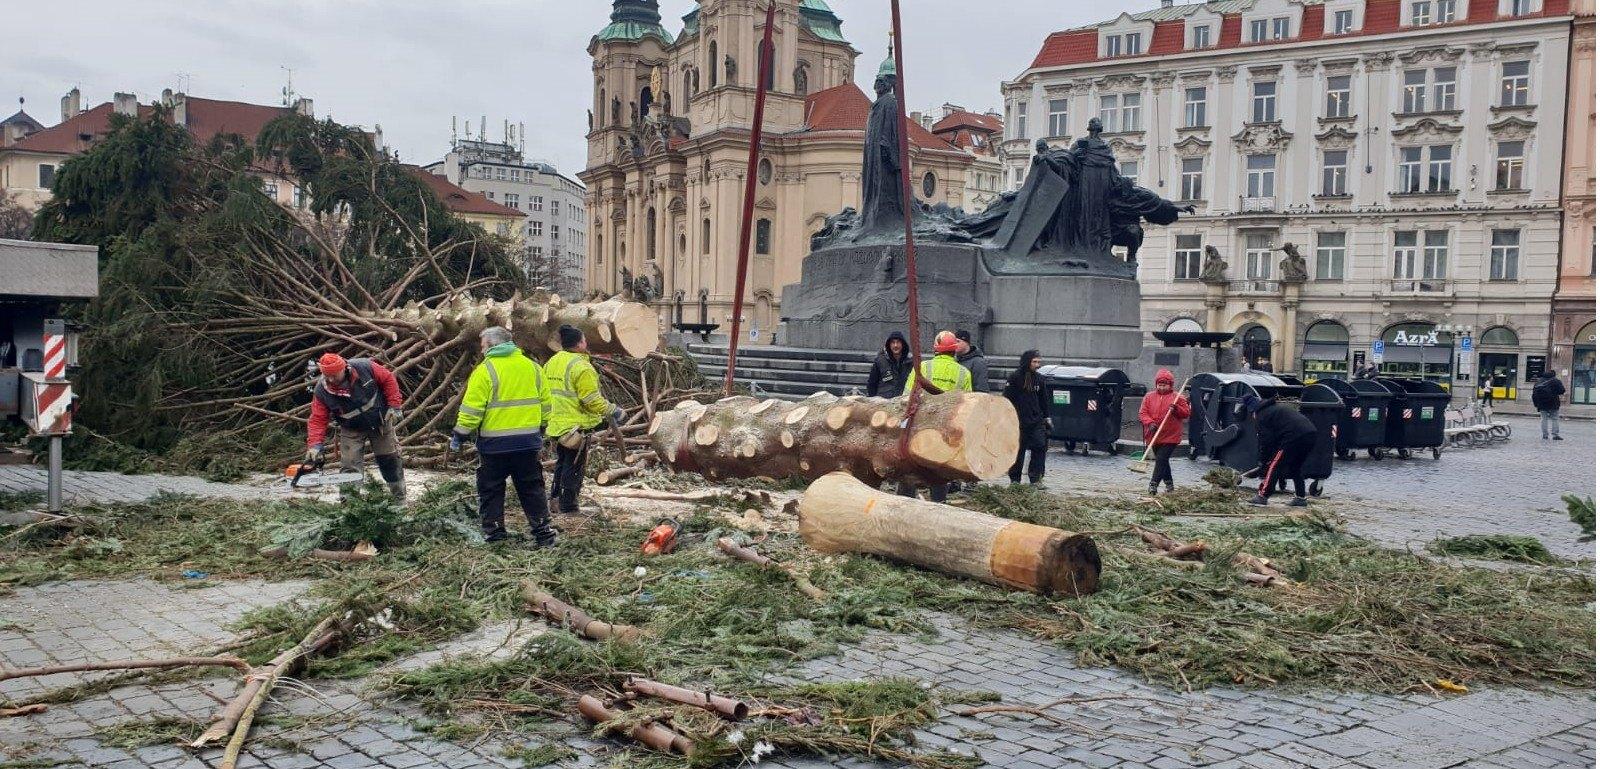 Kácení stromu Staroměstské náměstí leden 2019